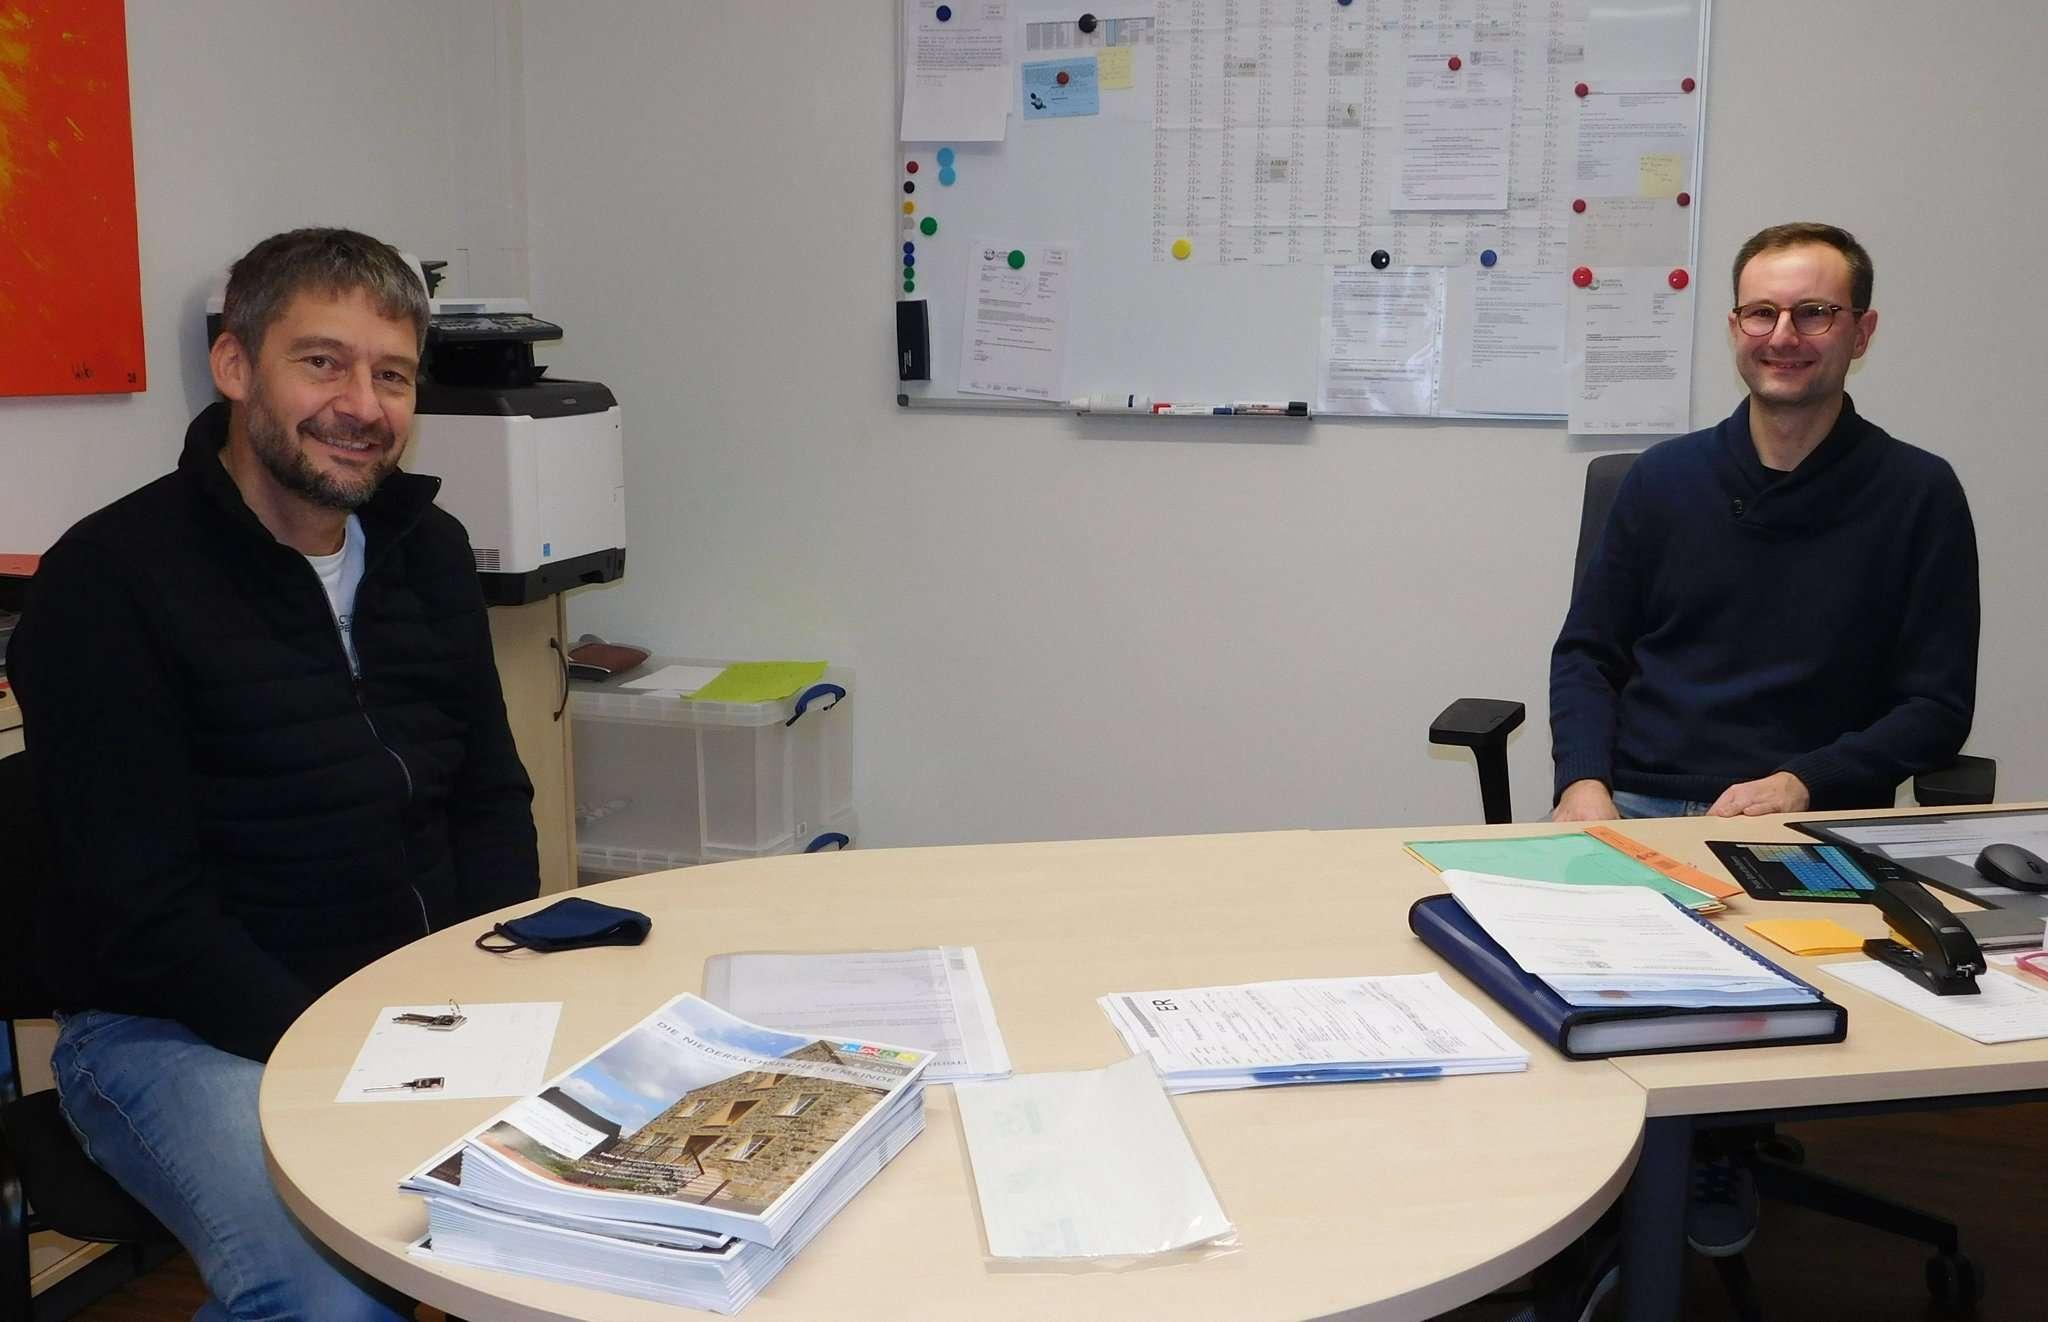 Marco Körner (links) gibt den Staffelstab an Julian Loh weiter: Letzterer ist nun für die verbleibende Amtsperiode Bürgermeister von Reeßum.